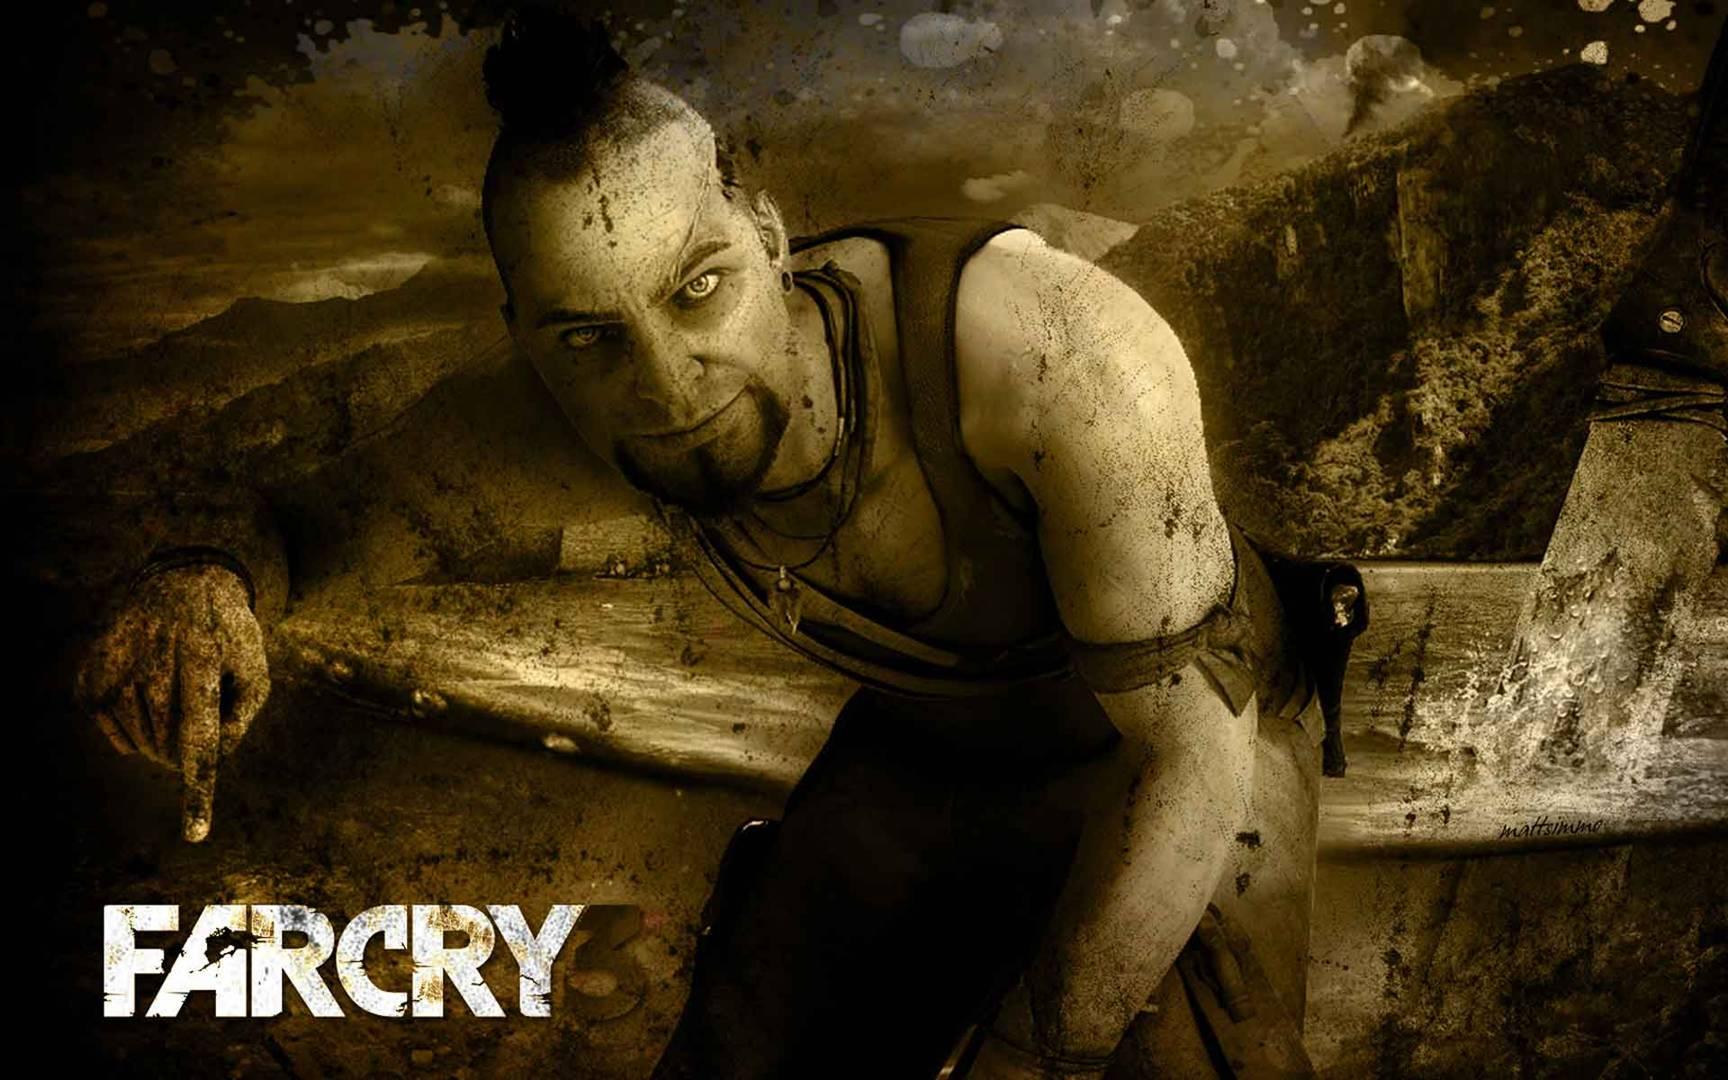 farcry 3.jpg